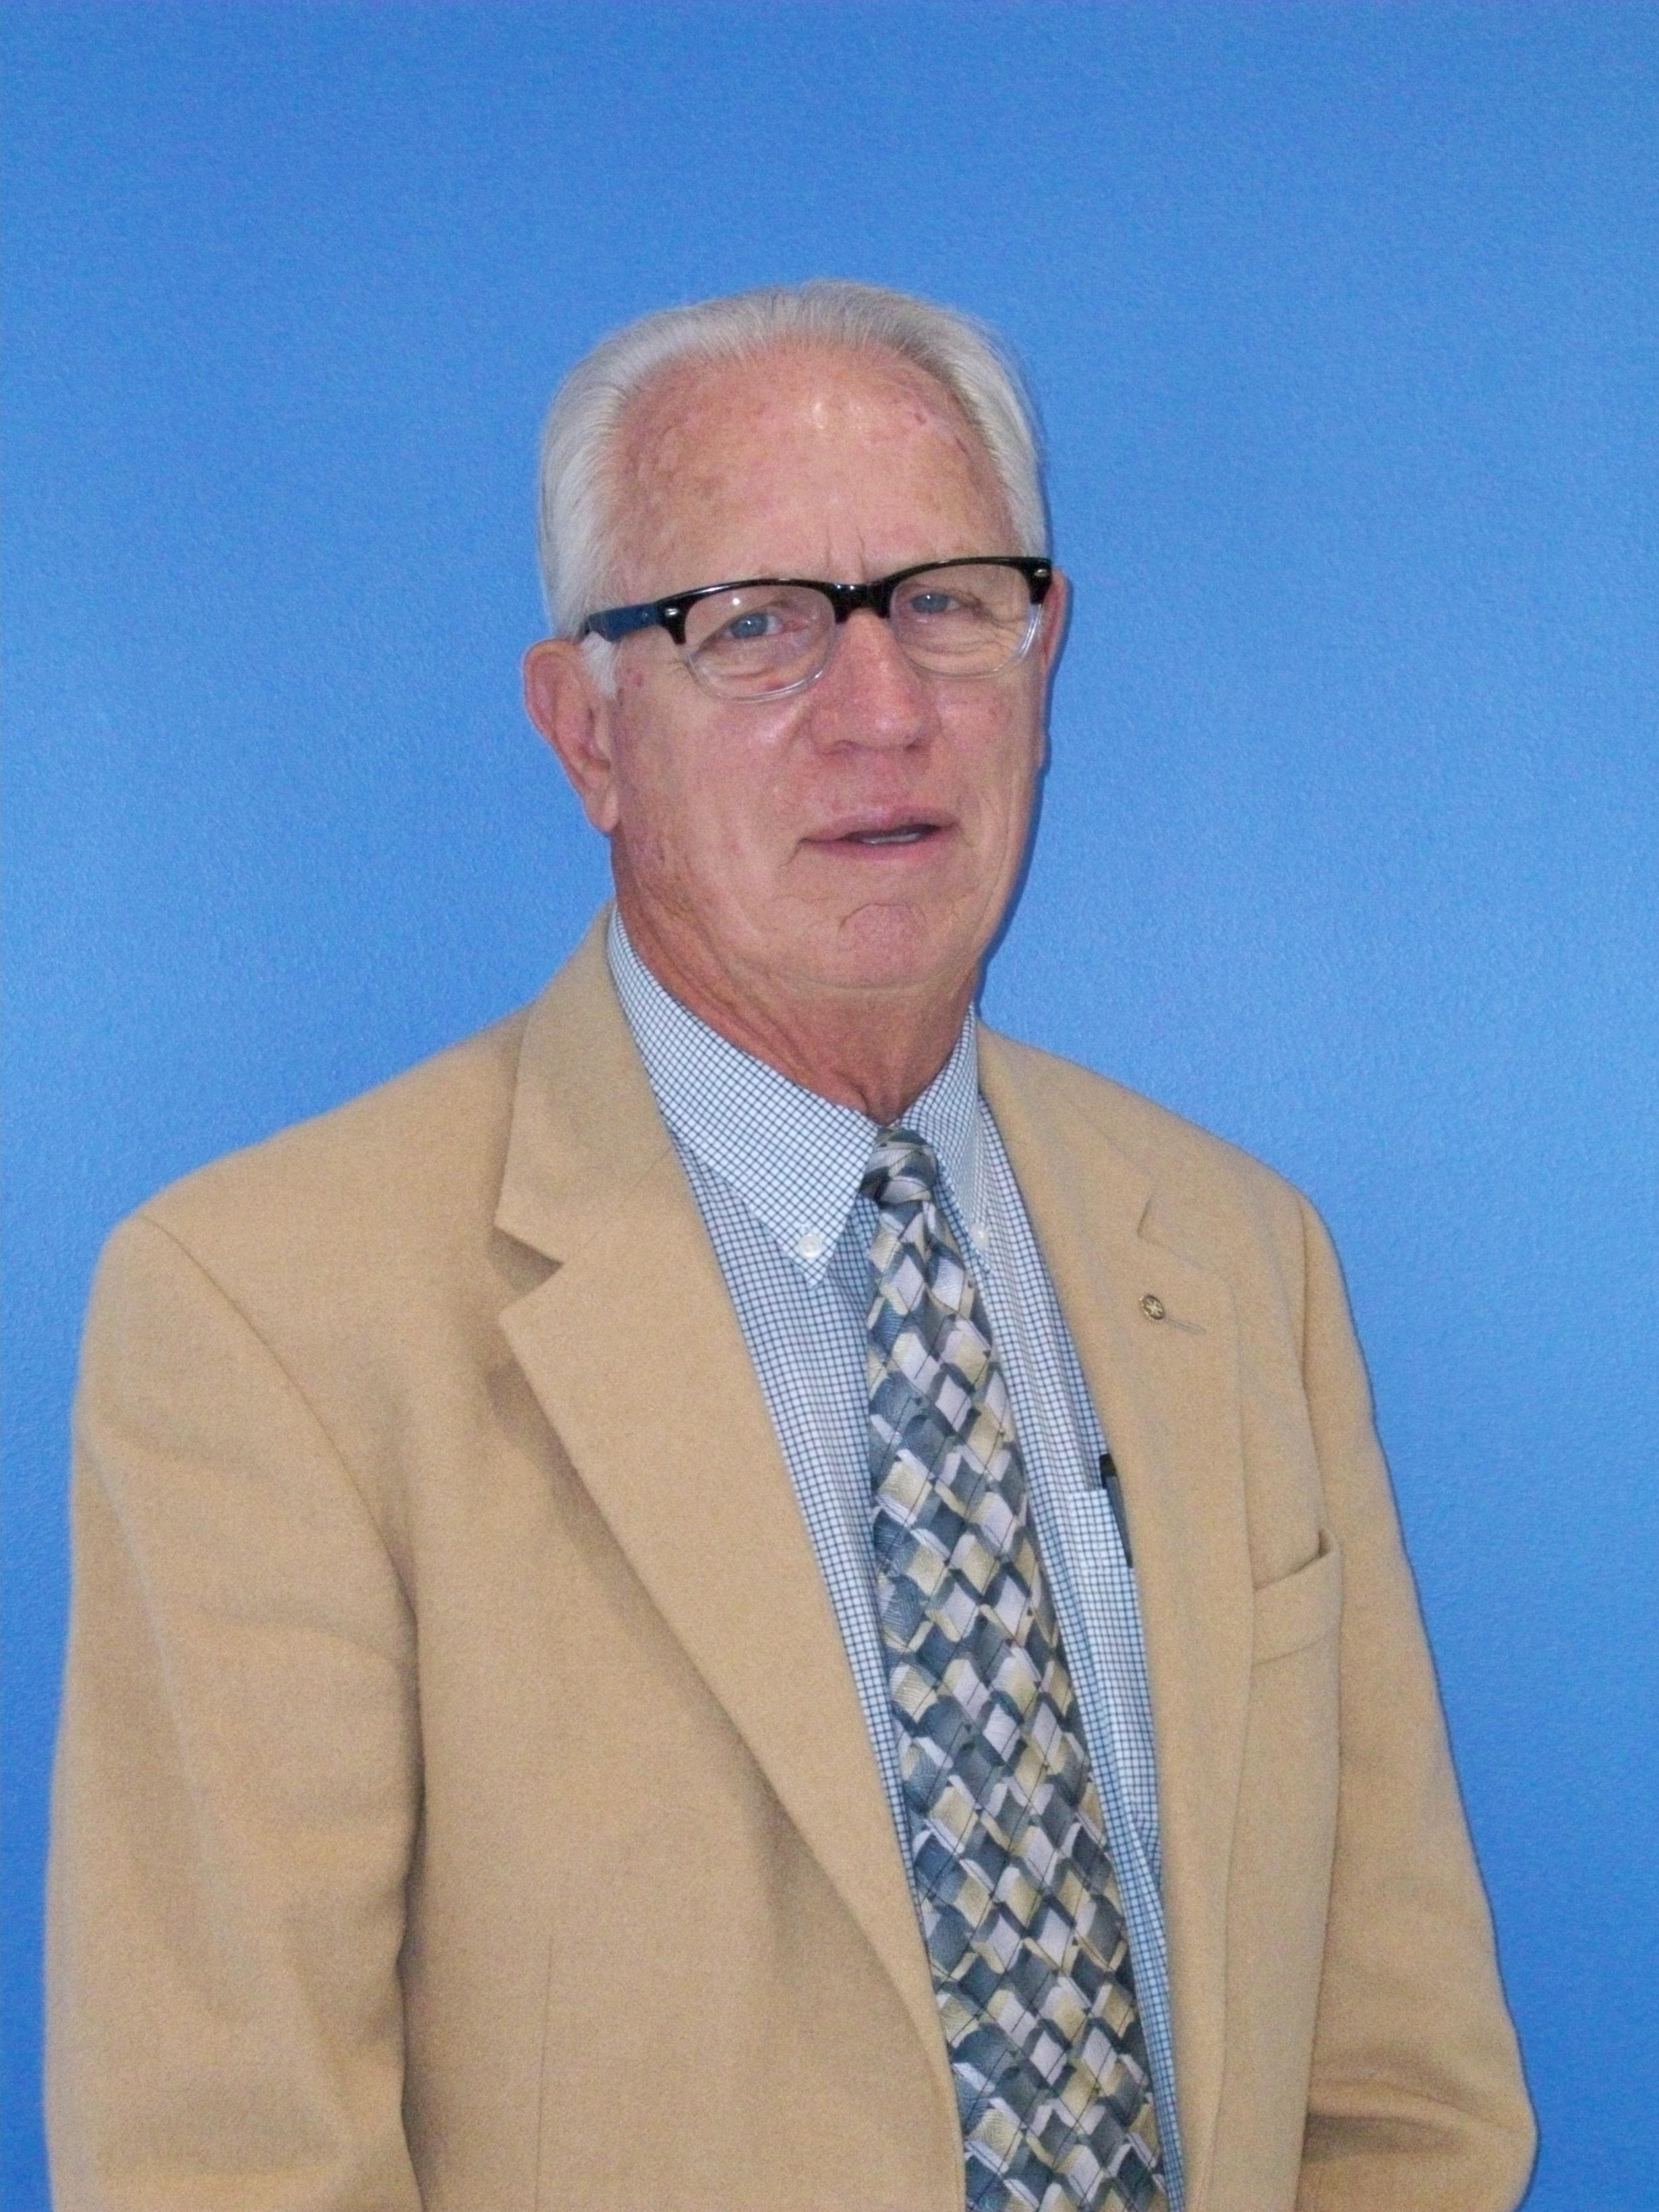 Gene Stevens - President